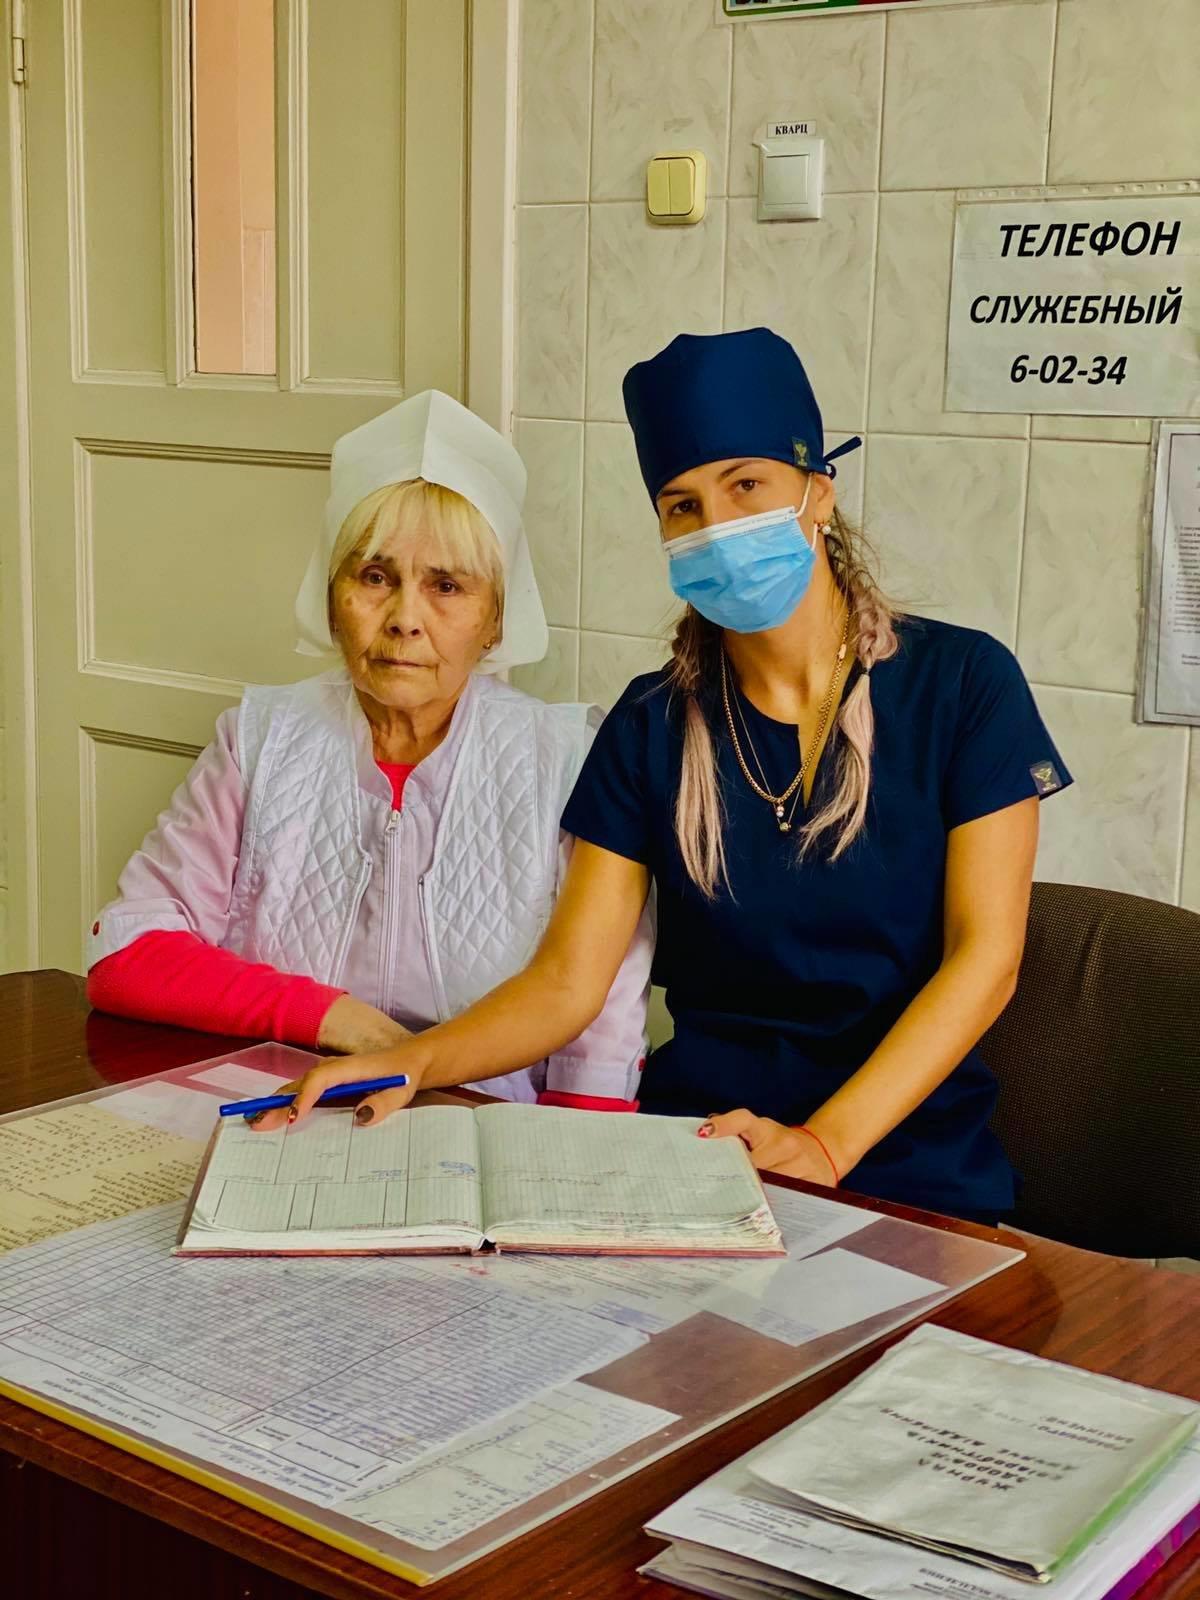 Хороший детский врач – надёжная опора: в Черноморске отмечают День педиатра, фото-7